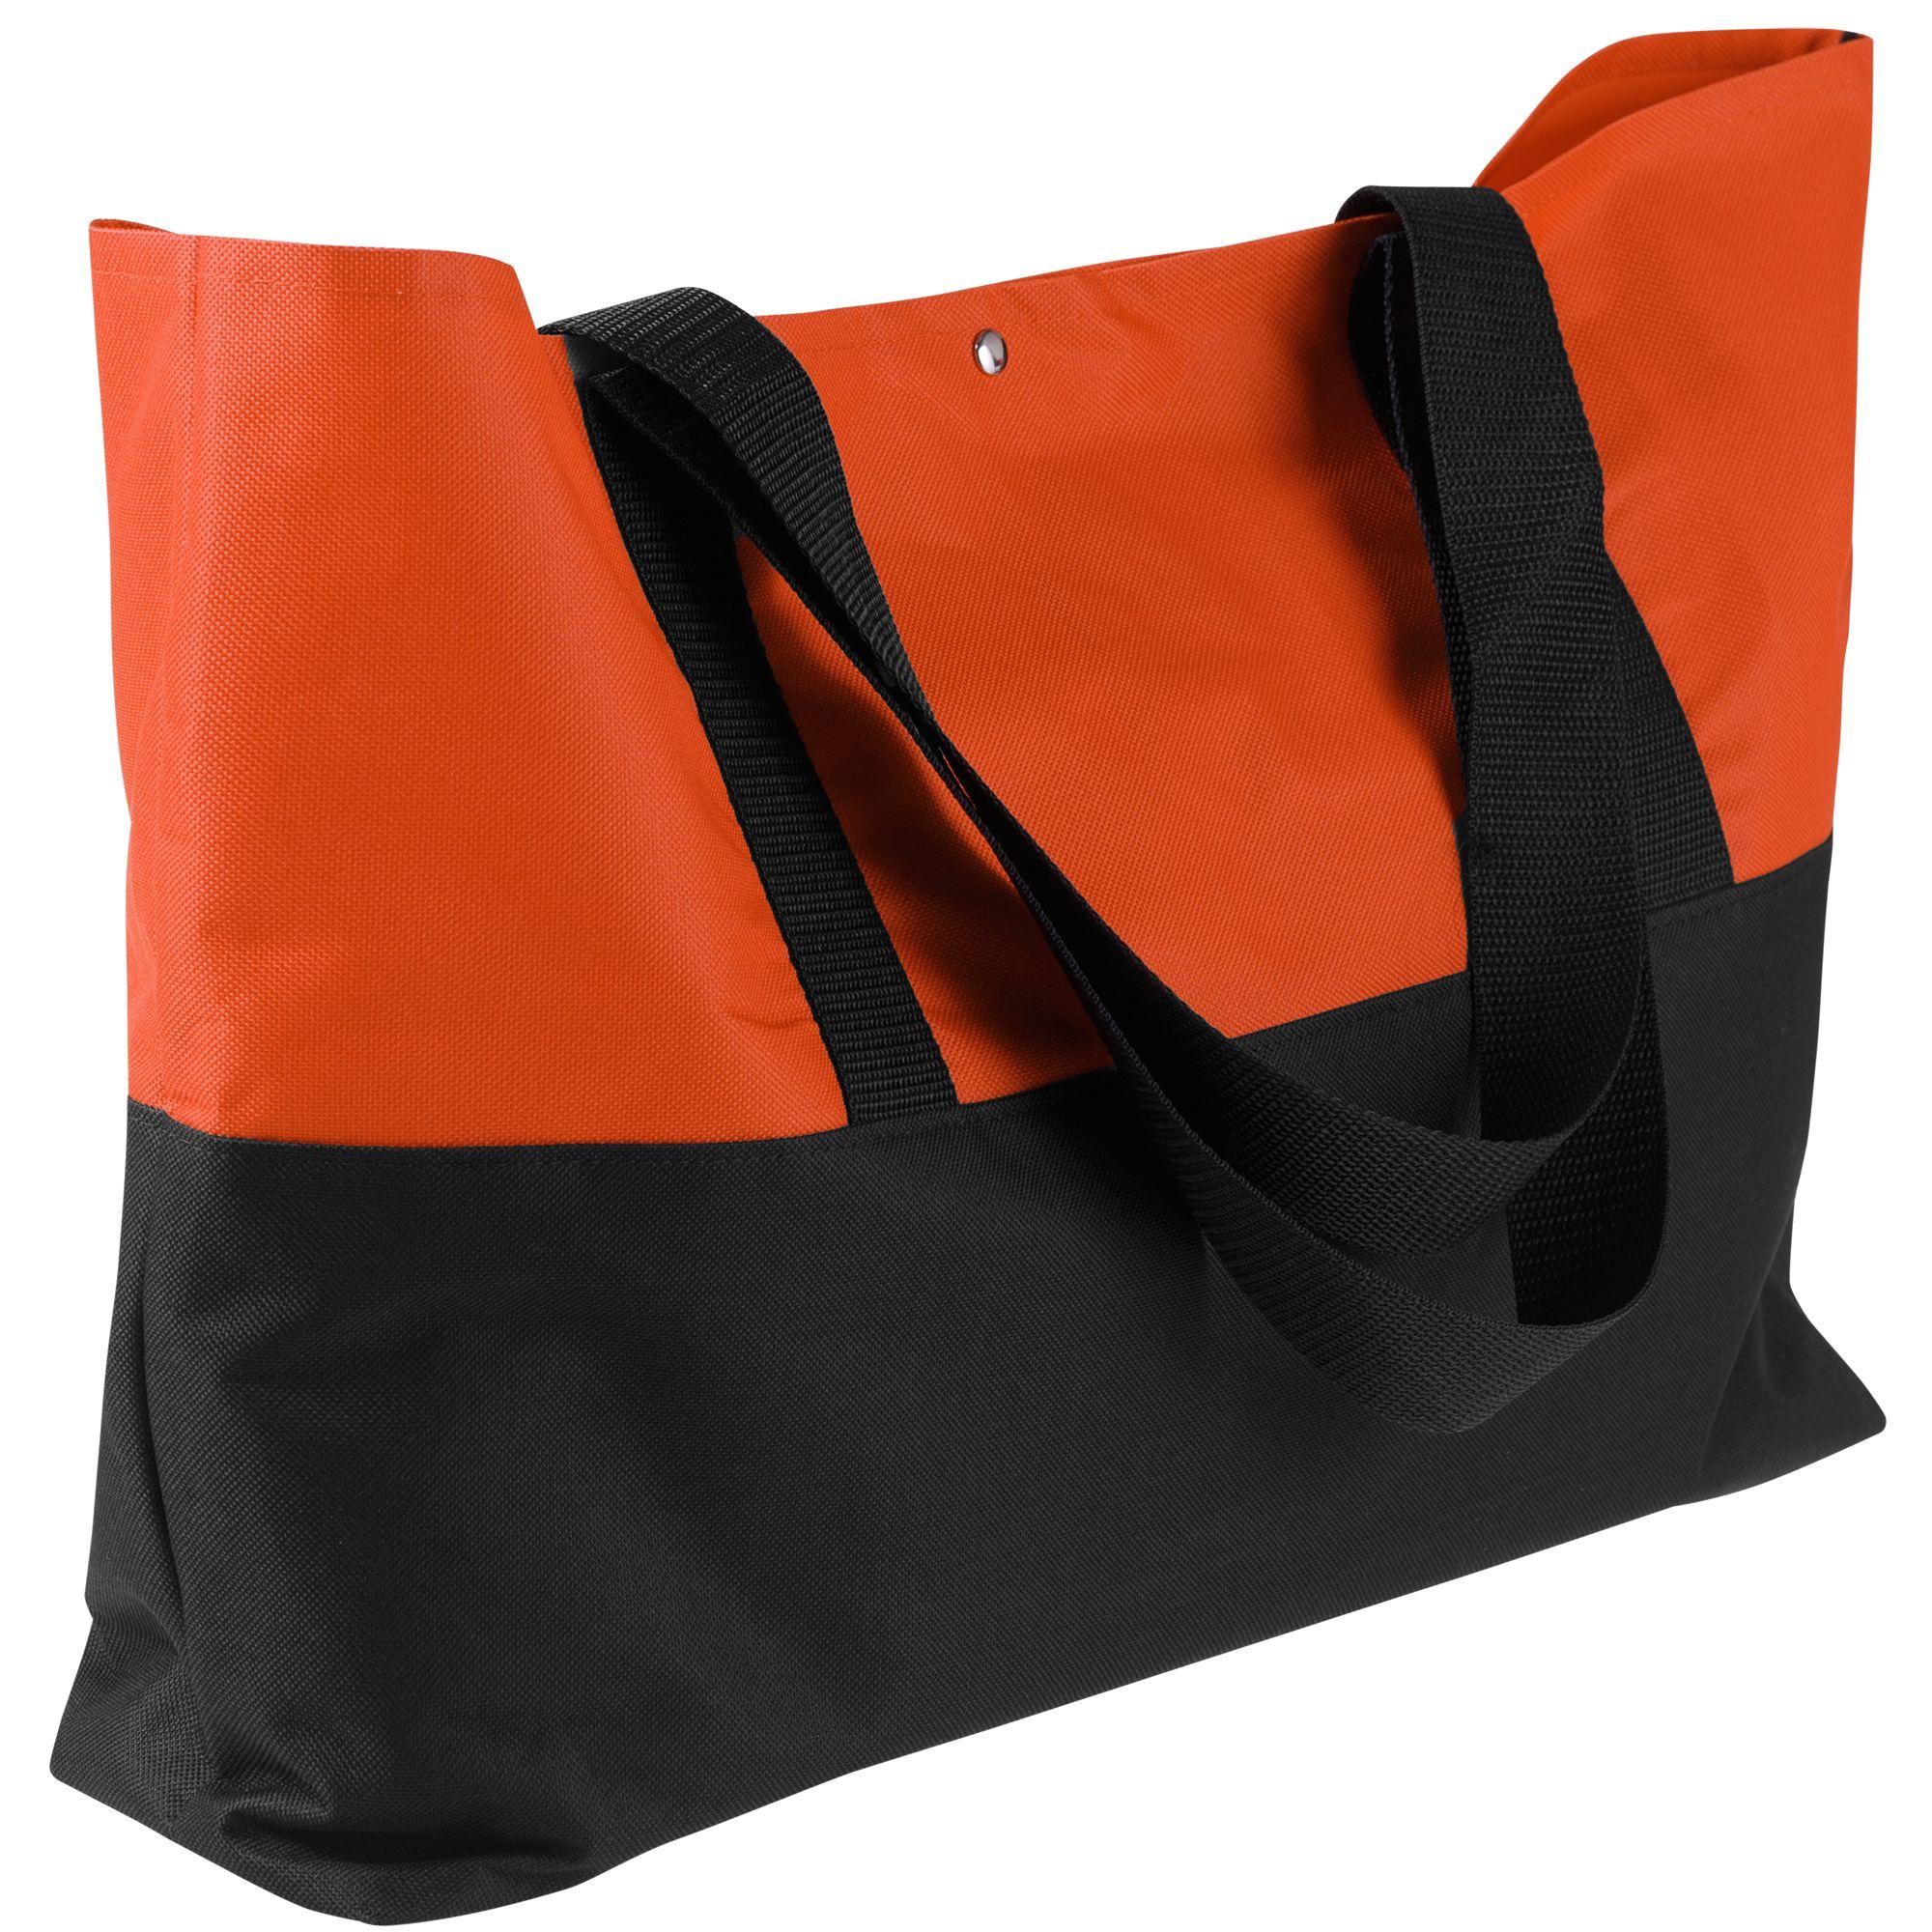 Сумка для покупок Seaside, черно-оранжевая